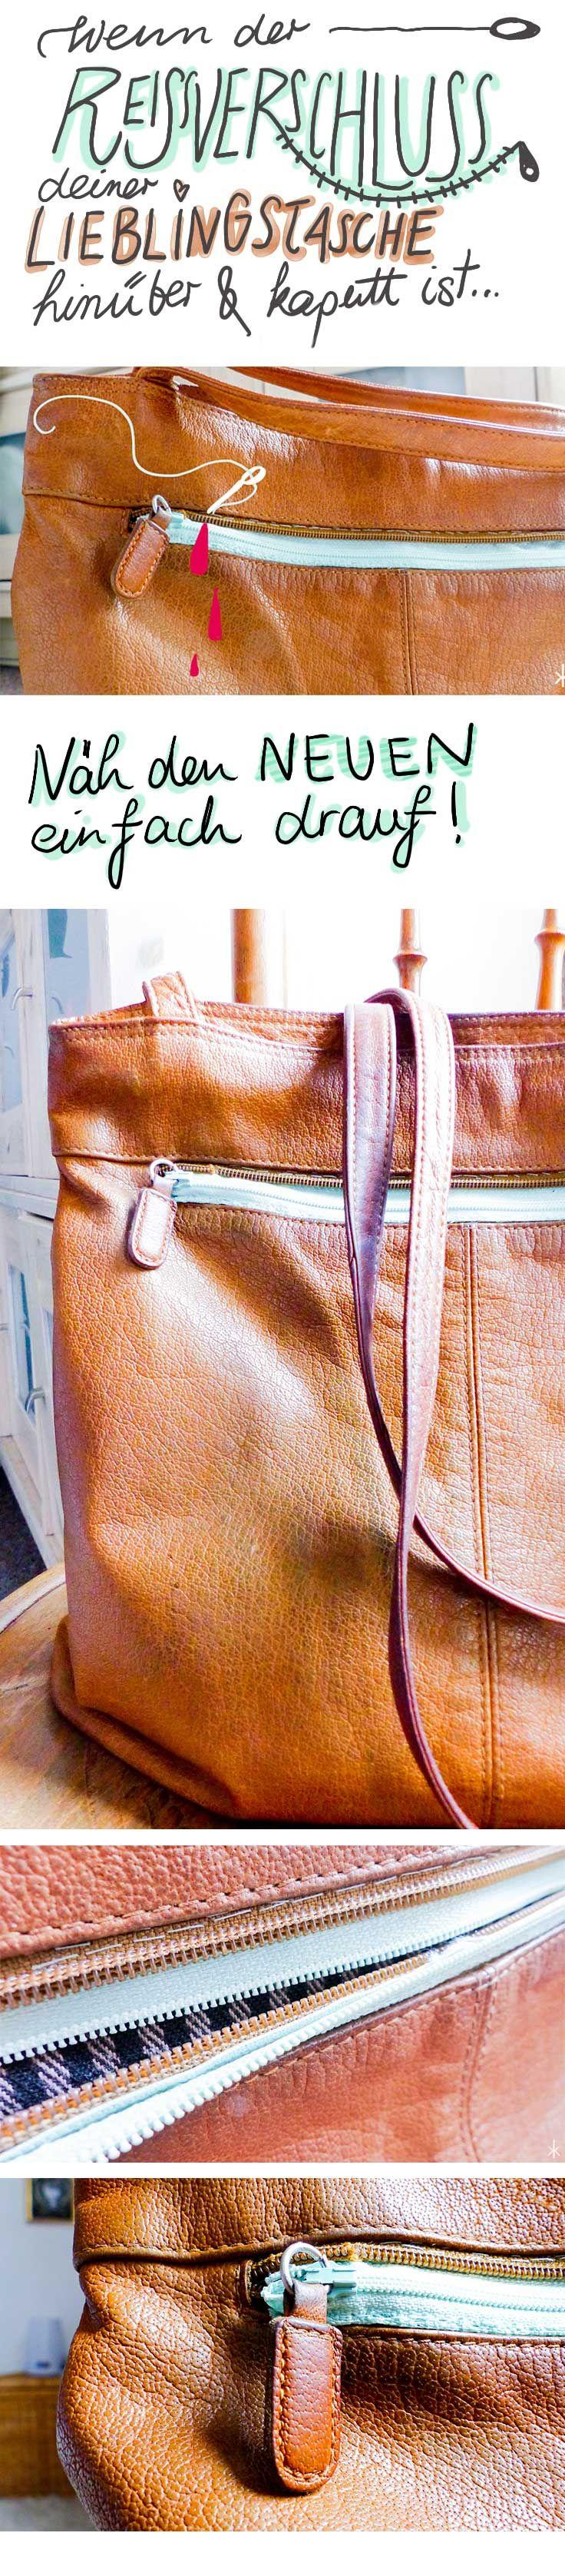 """Es macht """"zzzzzzupp"""" und der Zip ist kaputt? Dann kannst Du Deine Tasche zum Reparieren bringen – oder es selbst einfach versuchen. Die Anleitung zum Reißverschluss-auf-Reißverschluss-Nähen gibt es quasi idiotensicher im Blog  #diy #upcycling #zip #reißverschluss #tasche #handtasche #cognac #mint"""